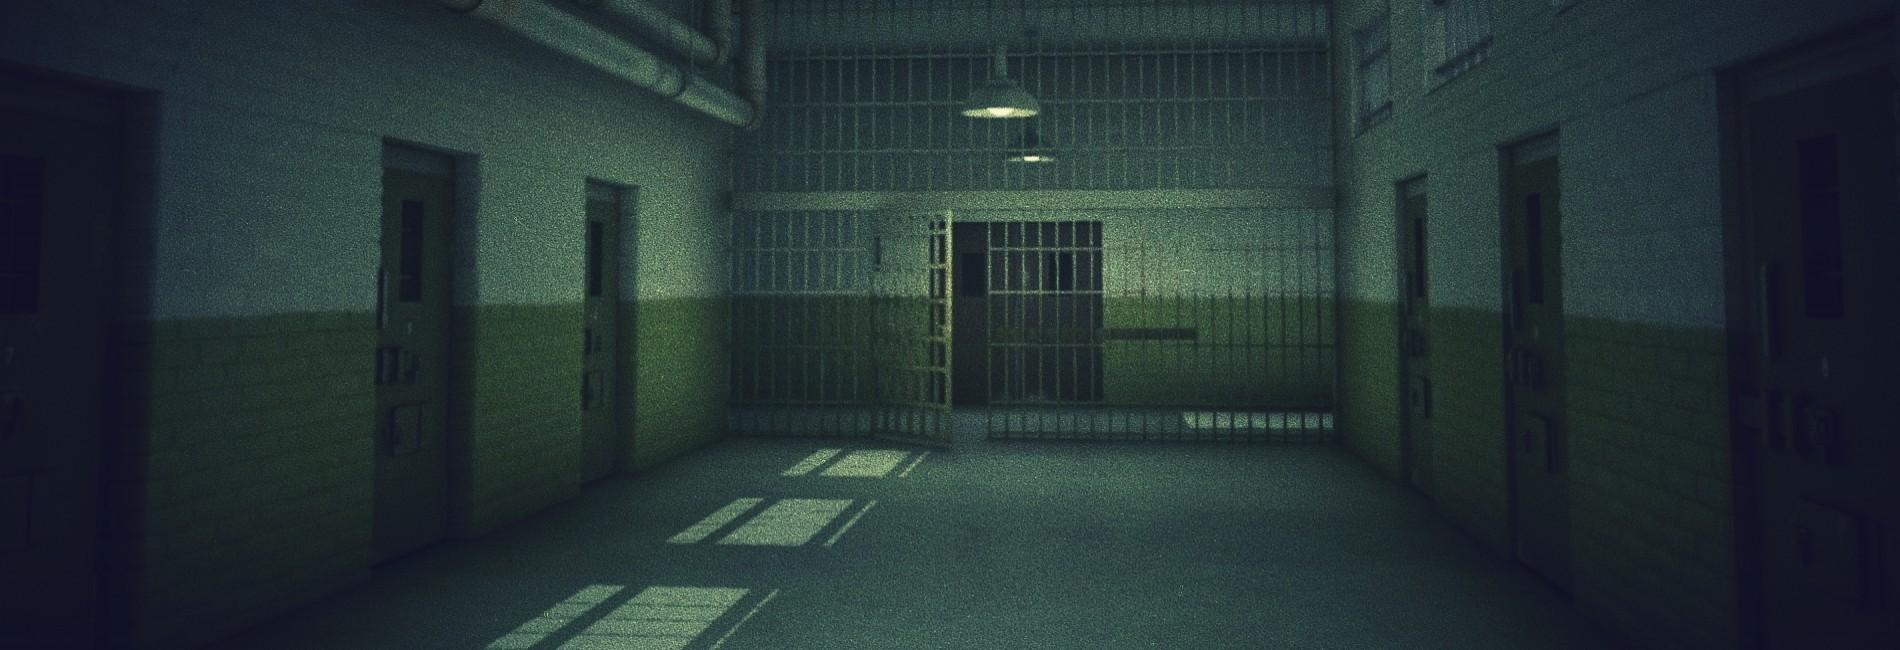 hallway_banner_final